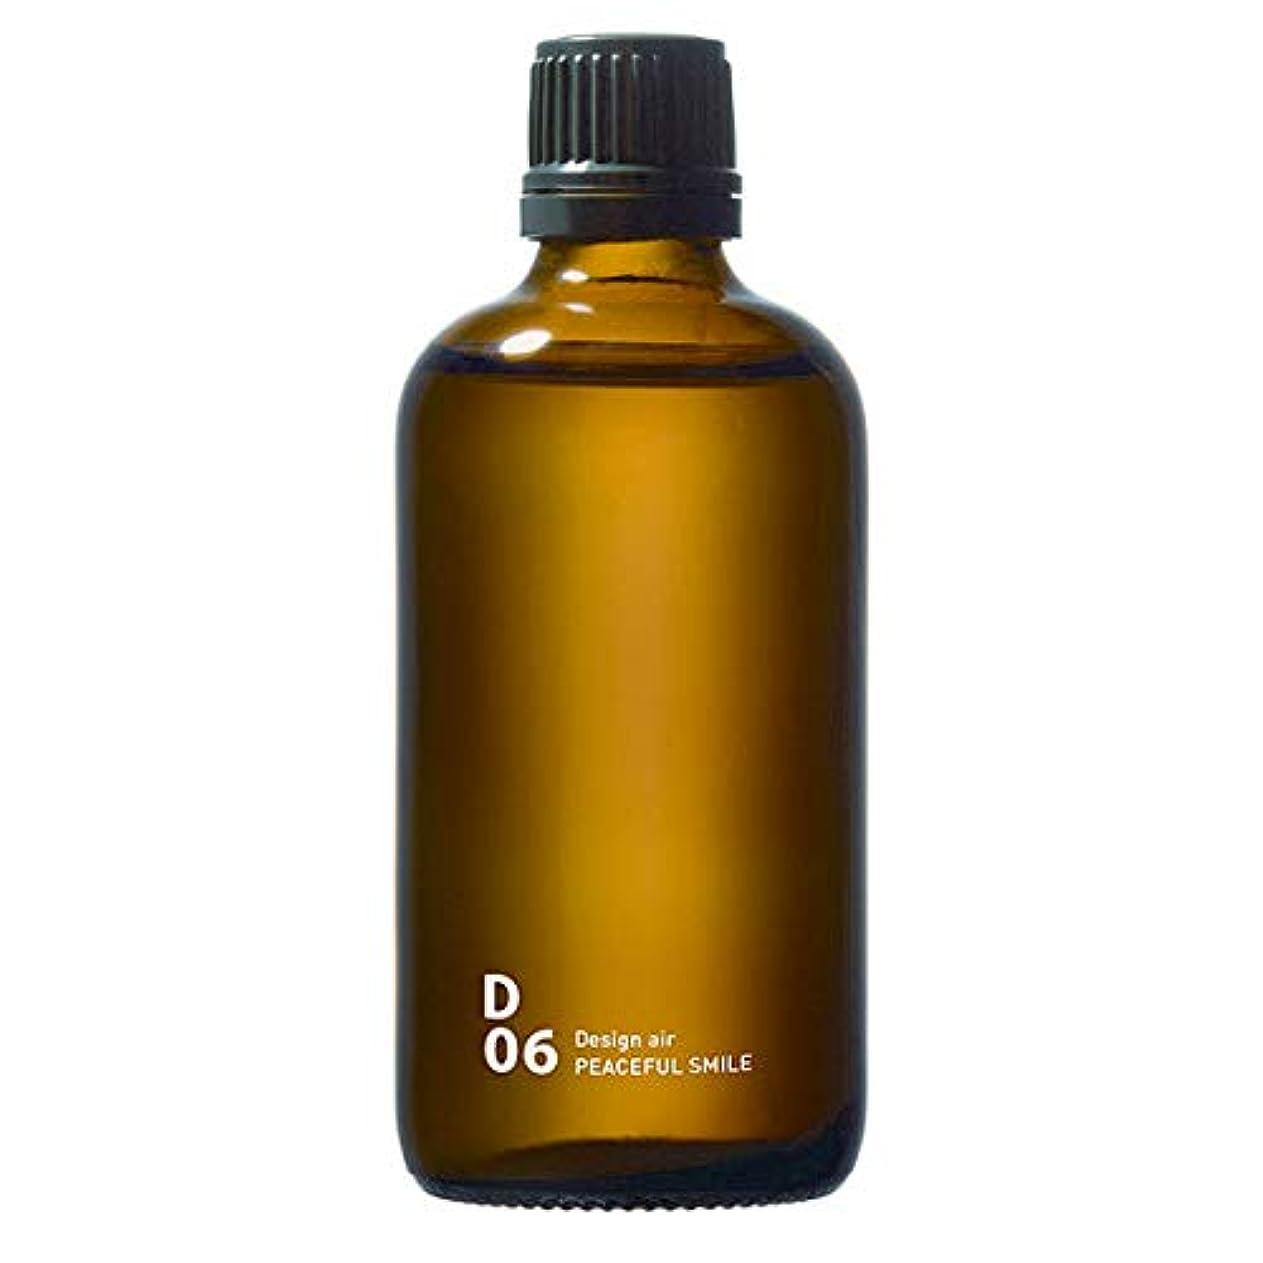 引く合わせて浸すD06 PEACEFUL SMILE piezo aroma oil 100ml